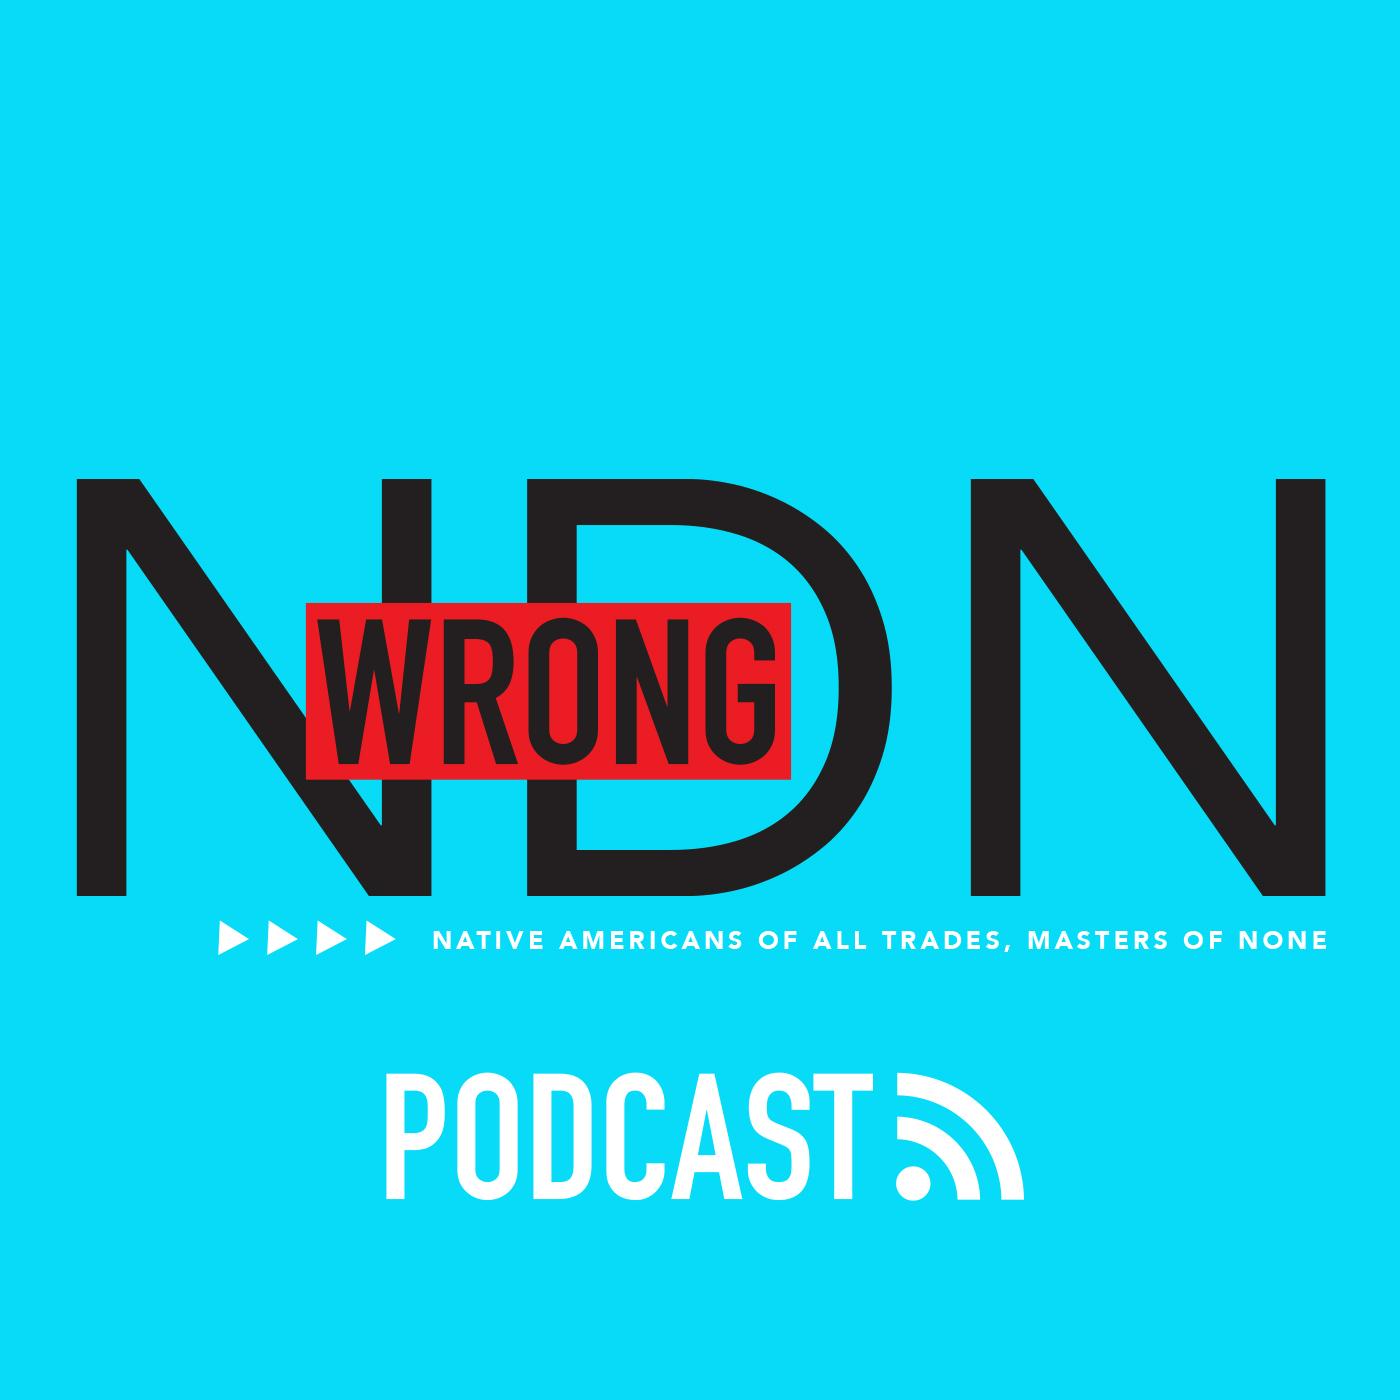 Wrong NDN Podcast show art